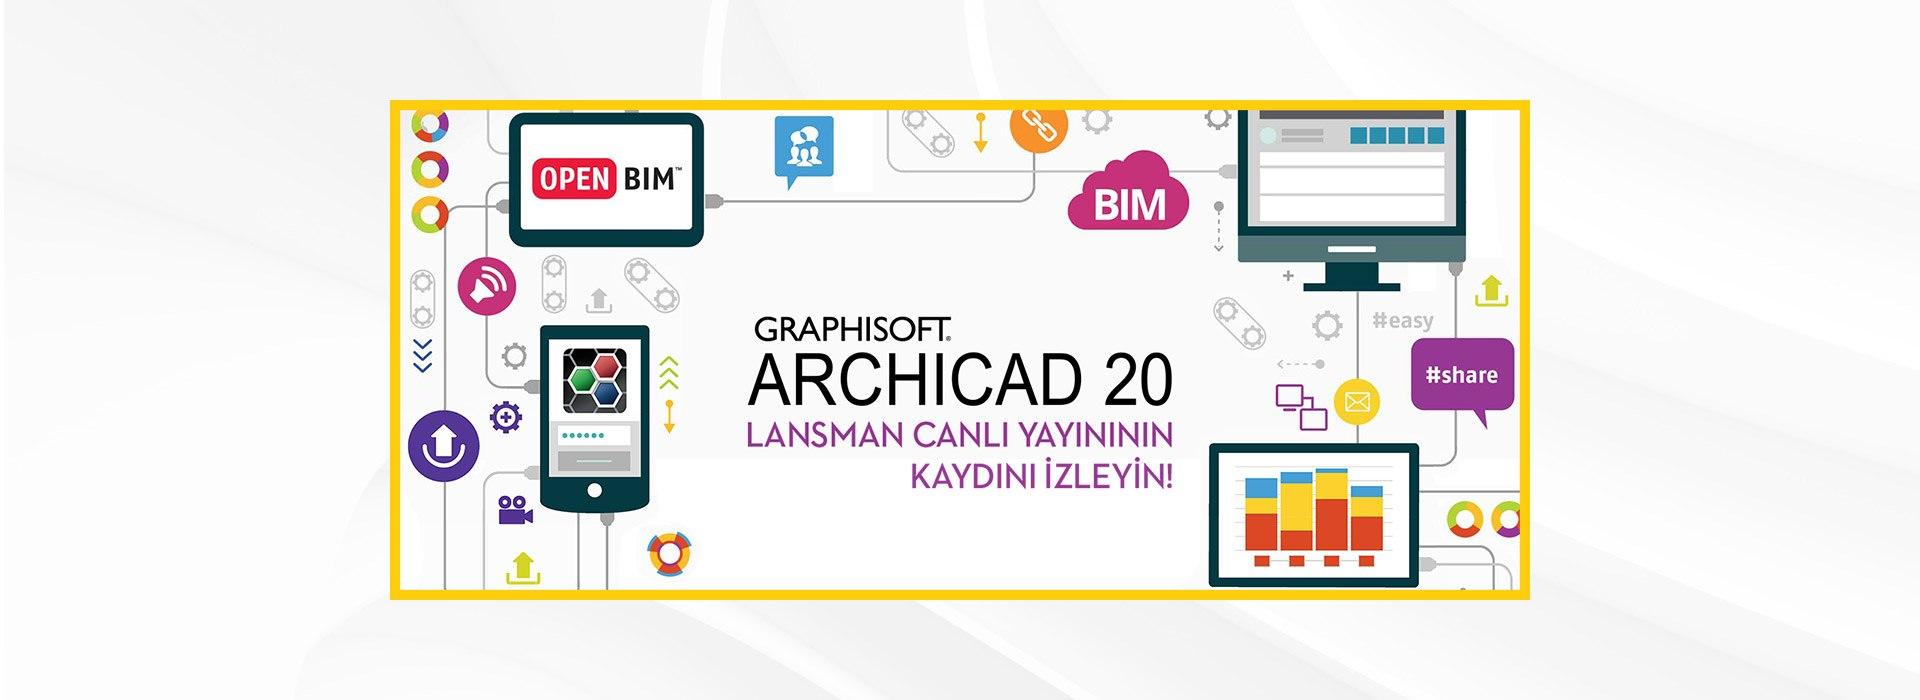 AC20-Lansman-Kaydini-Izleyin-1920x700